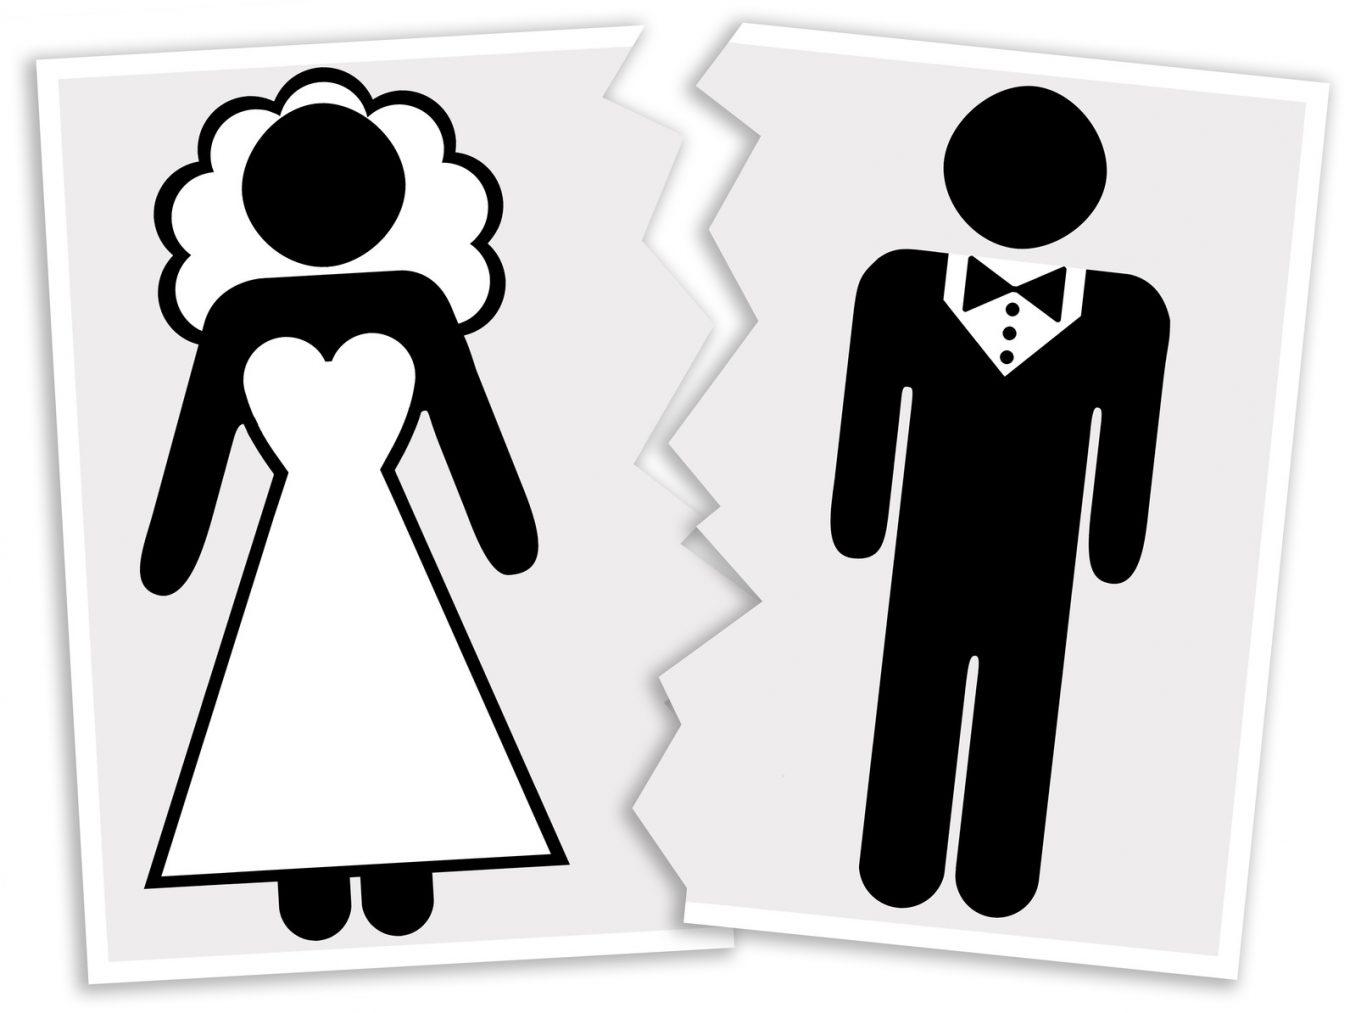 Las rupturas matrimoniales suben en Asturias un 4,2% en el primer trimestre del año